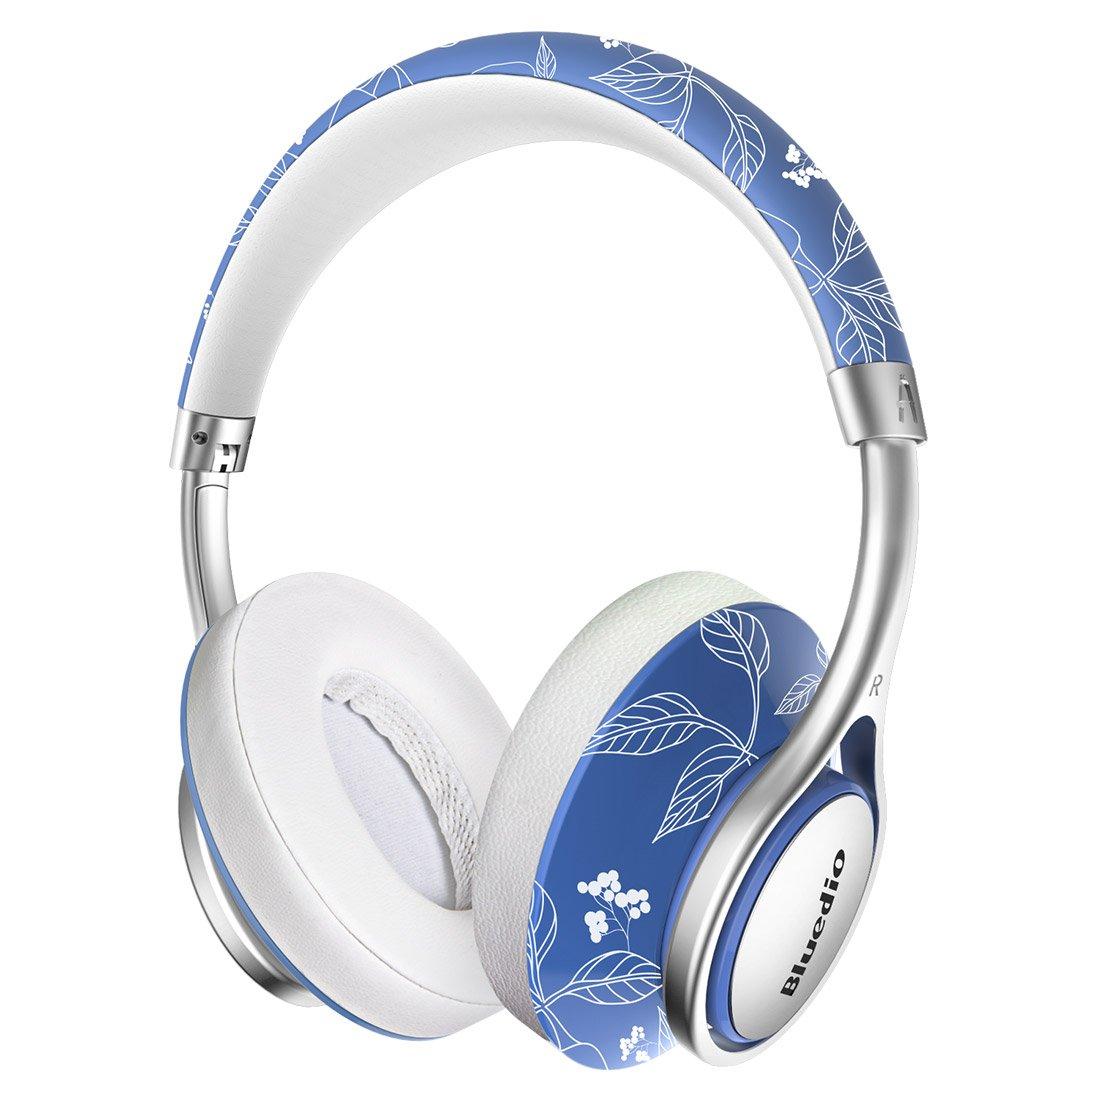 Tai nghe Bluetooth 4.2 Bluedio A2 (Air) - Hàng Chính Hãng